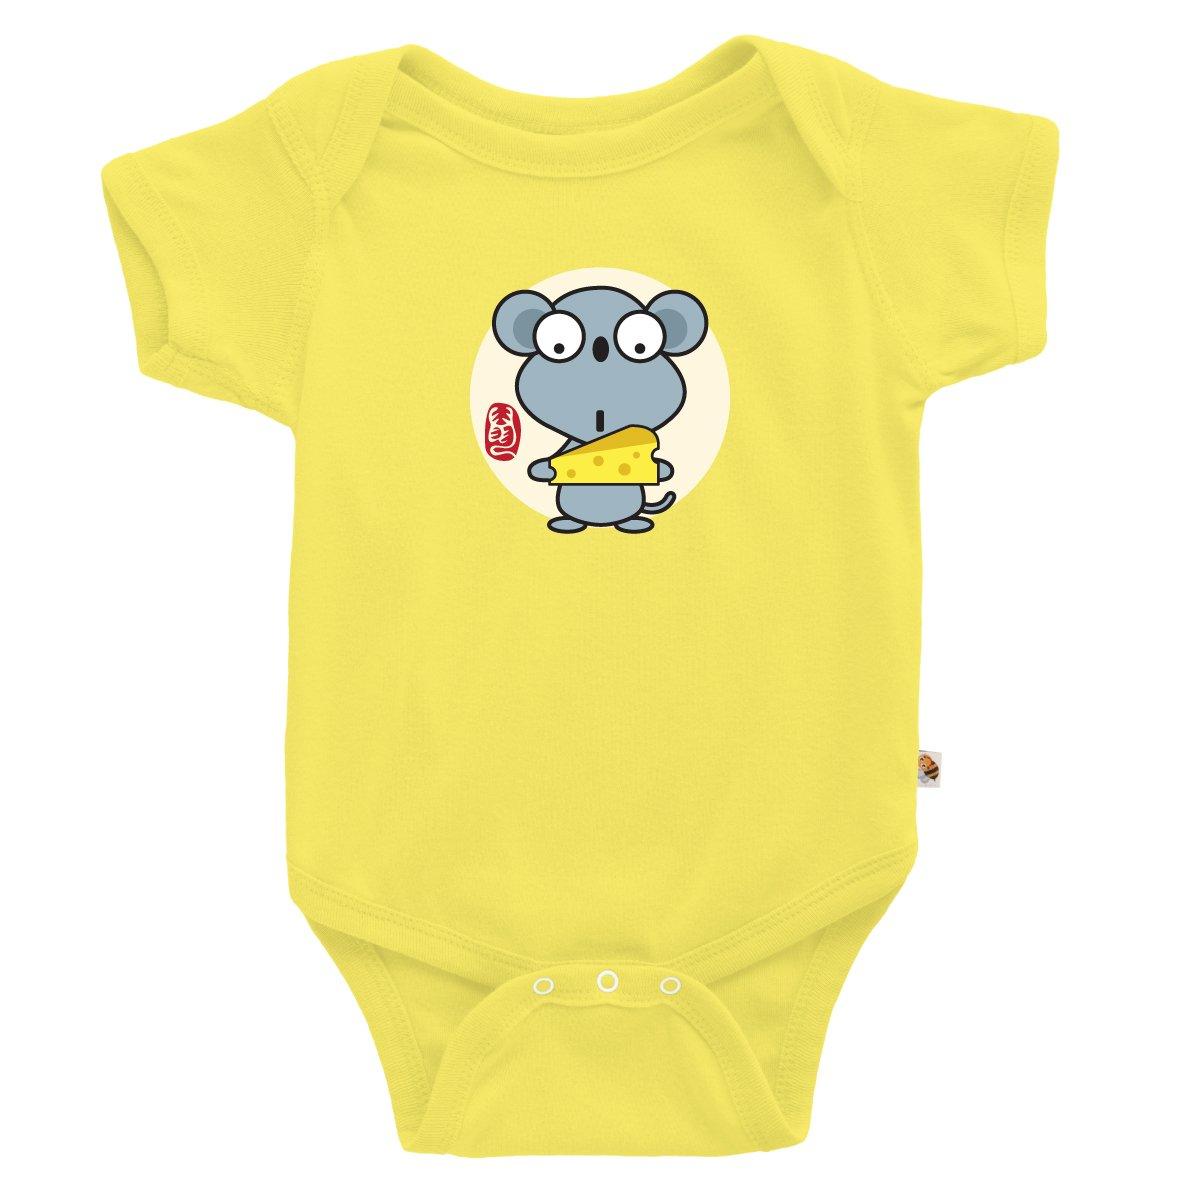 TeezBee Baby Year of The Rat Cute Chinese Zodiac Onesie